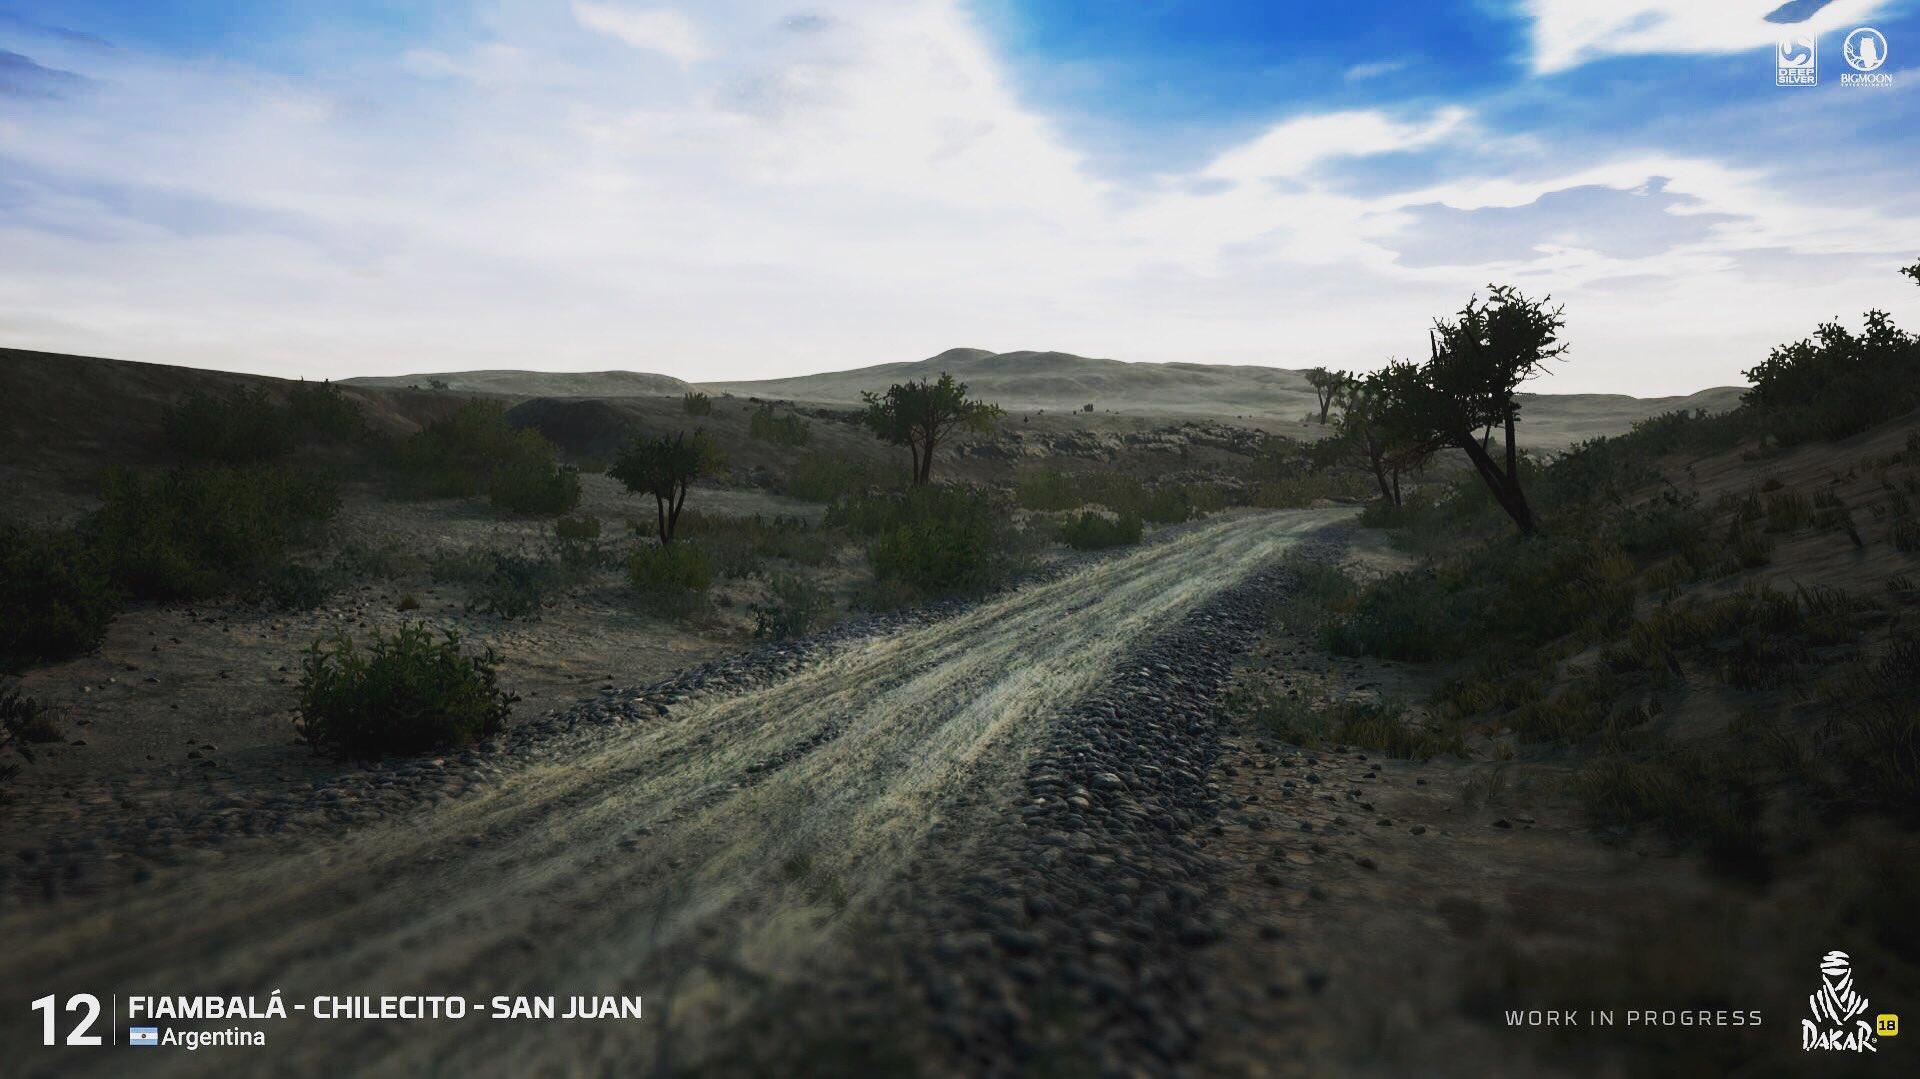 Dakar 18 environment preview 11